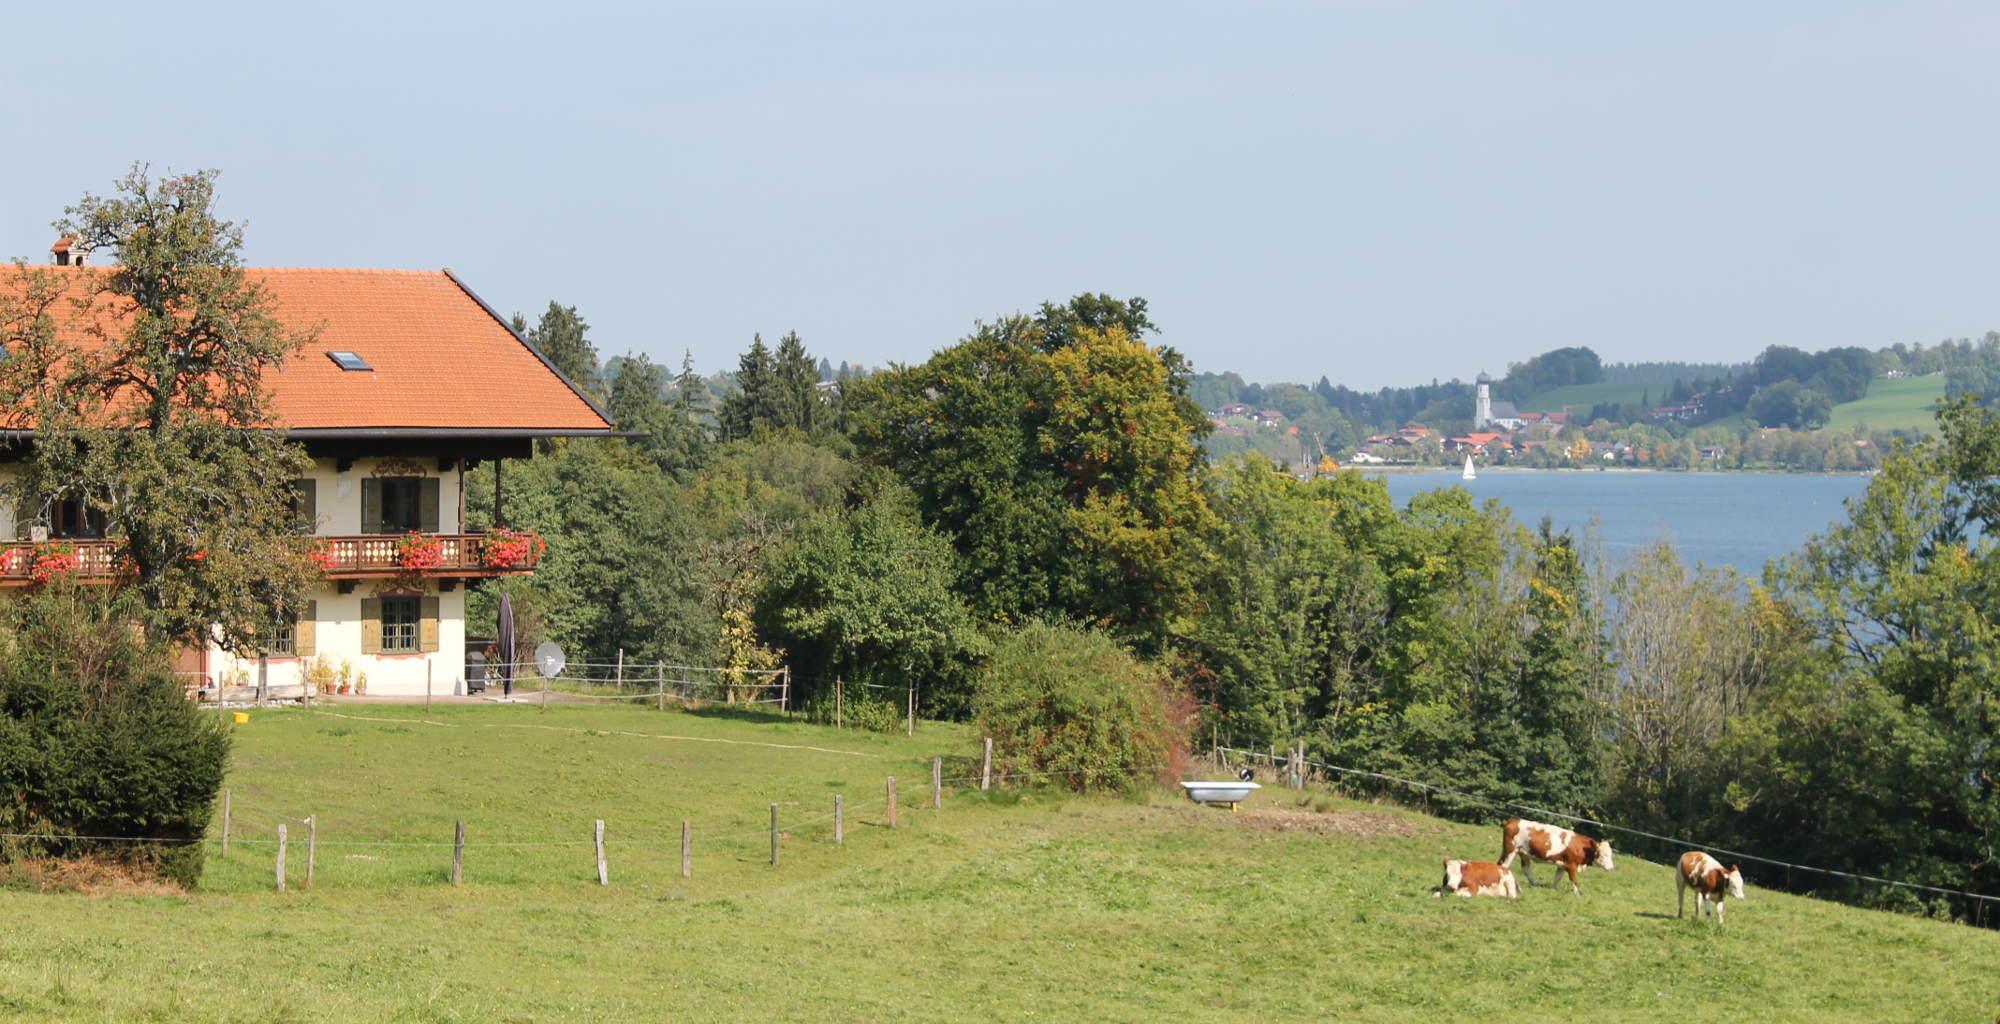 Ferienwohnungen Tegernsee, Ferienhaus, Apartment, ...